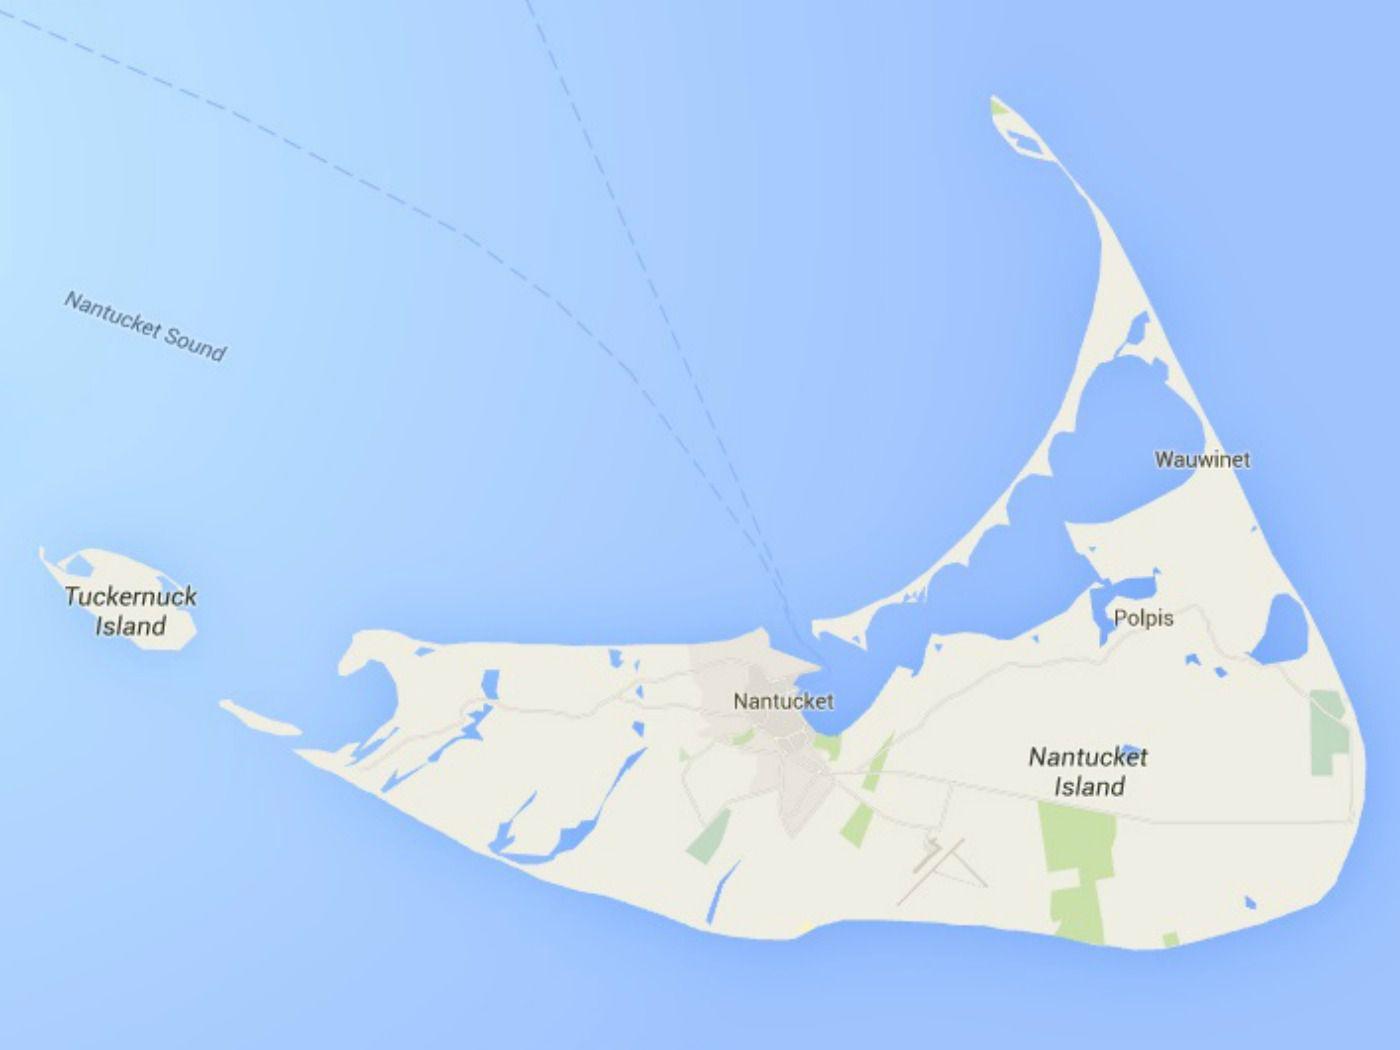 Map of Nantucket Island